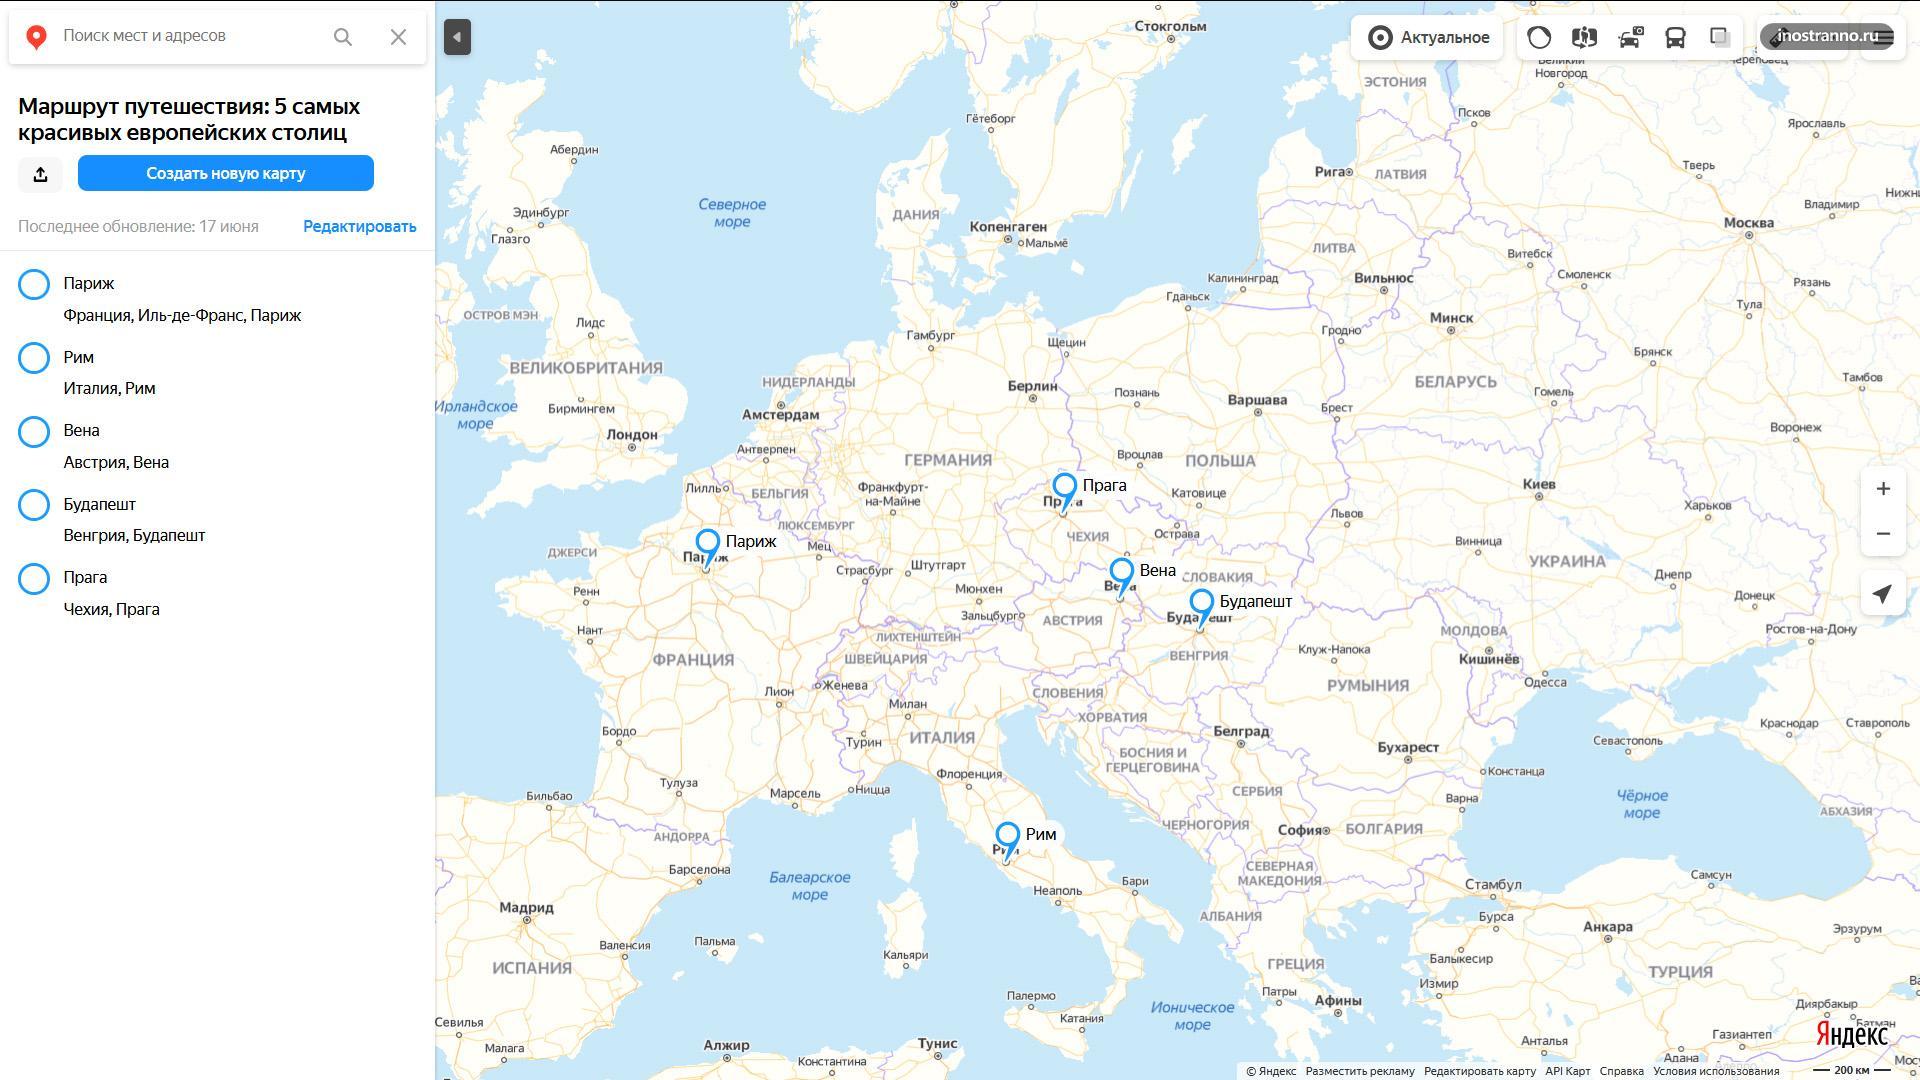 Маршрут путешествия 5 самые интересные города Европы